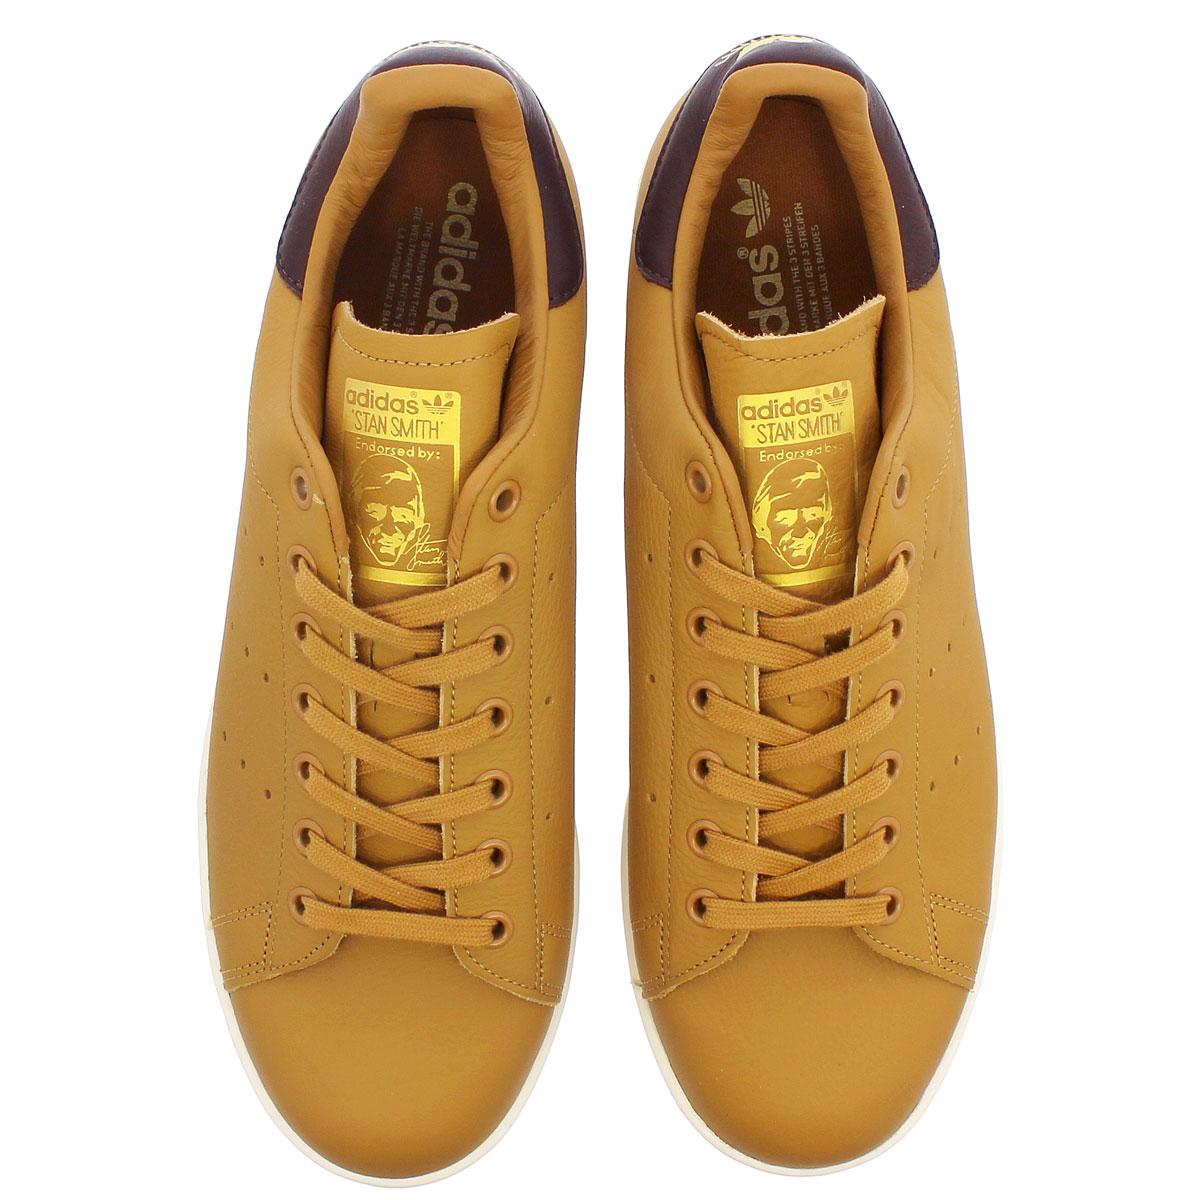 bca17982fe ... adidas STAN SMITH Adidas Stan Smith MESA/MESA/CHALK WHITE g28212 ...